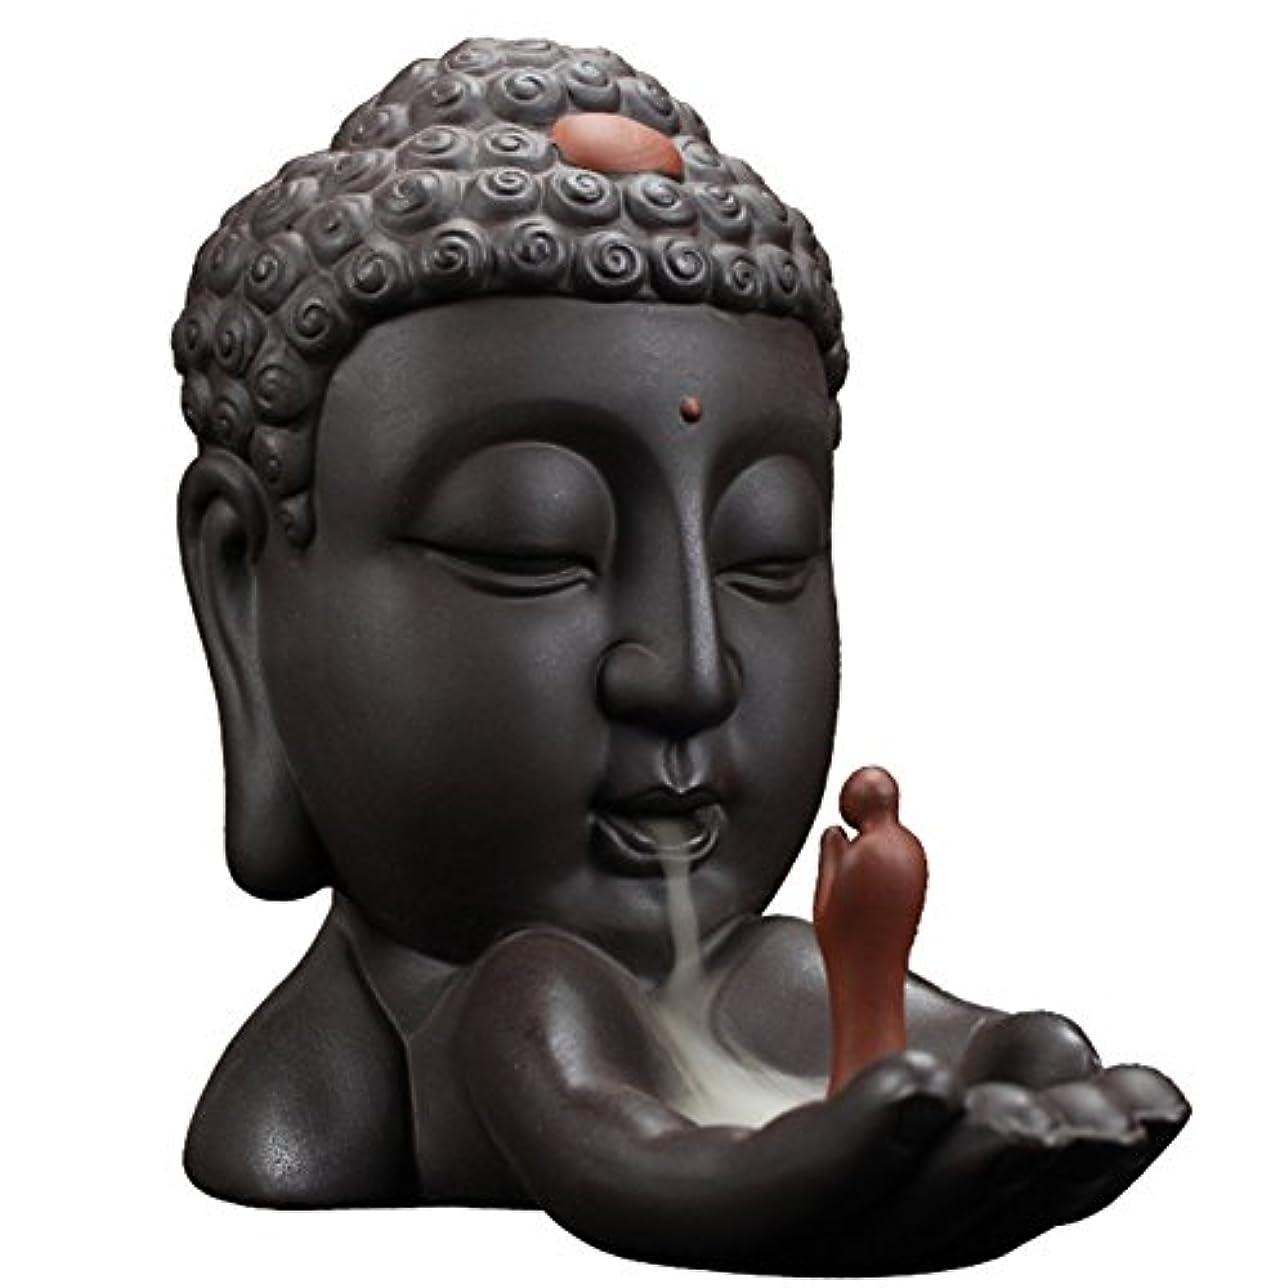 イベント避難する物理的なBackflow Incense Burnerクリエイティブホーム装飾セラミックBuddha Incense Holder Buddhist Censerギフト